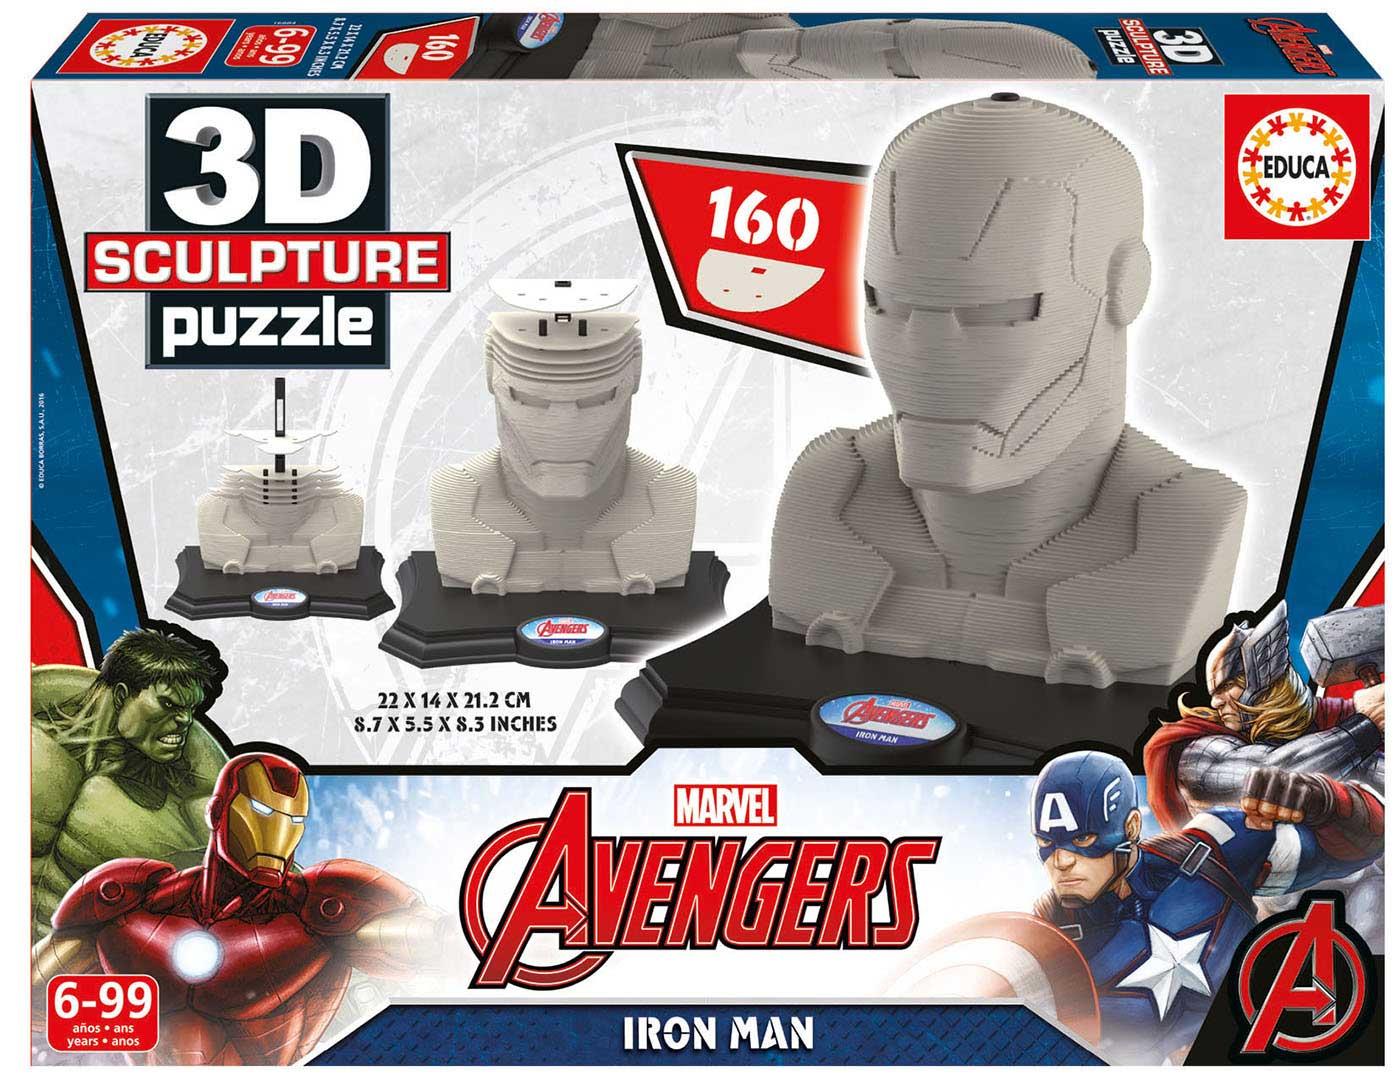 Puzzle 3D Sculpture Ironman de 160 Piezas